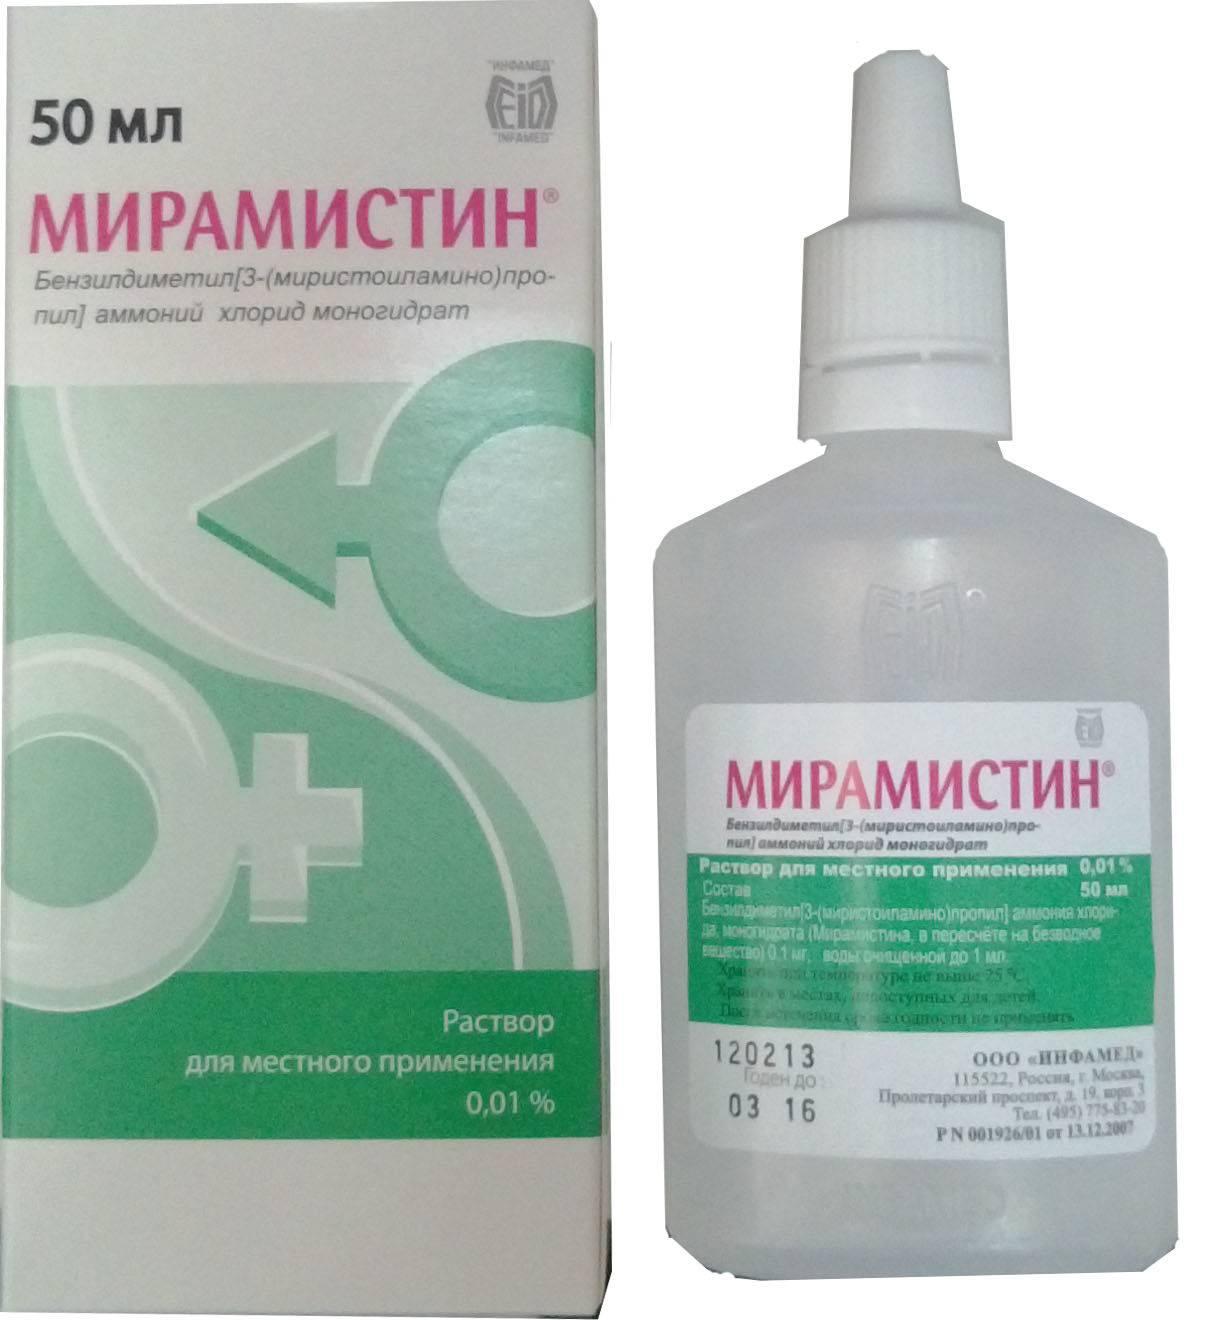 Мирамистин: состав и инструкция по применению для интимной гигиены